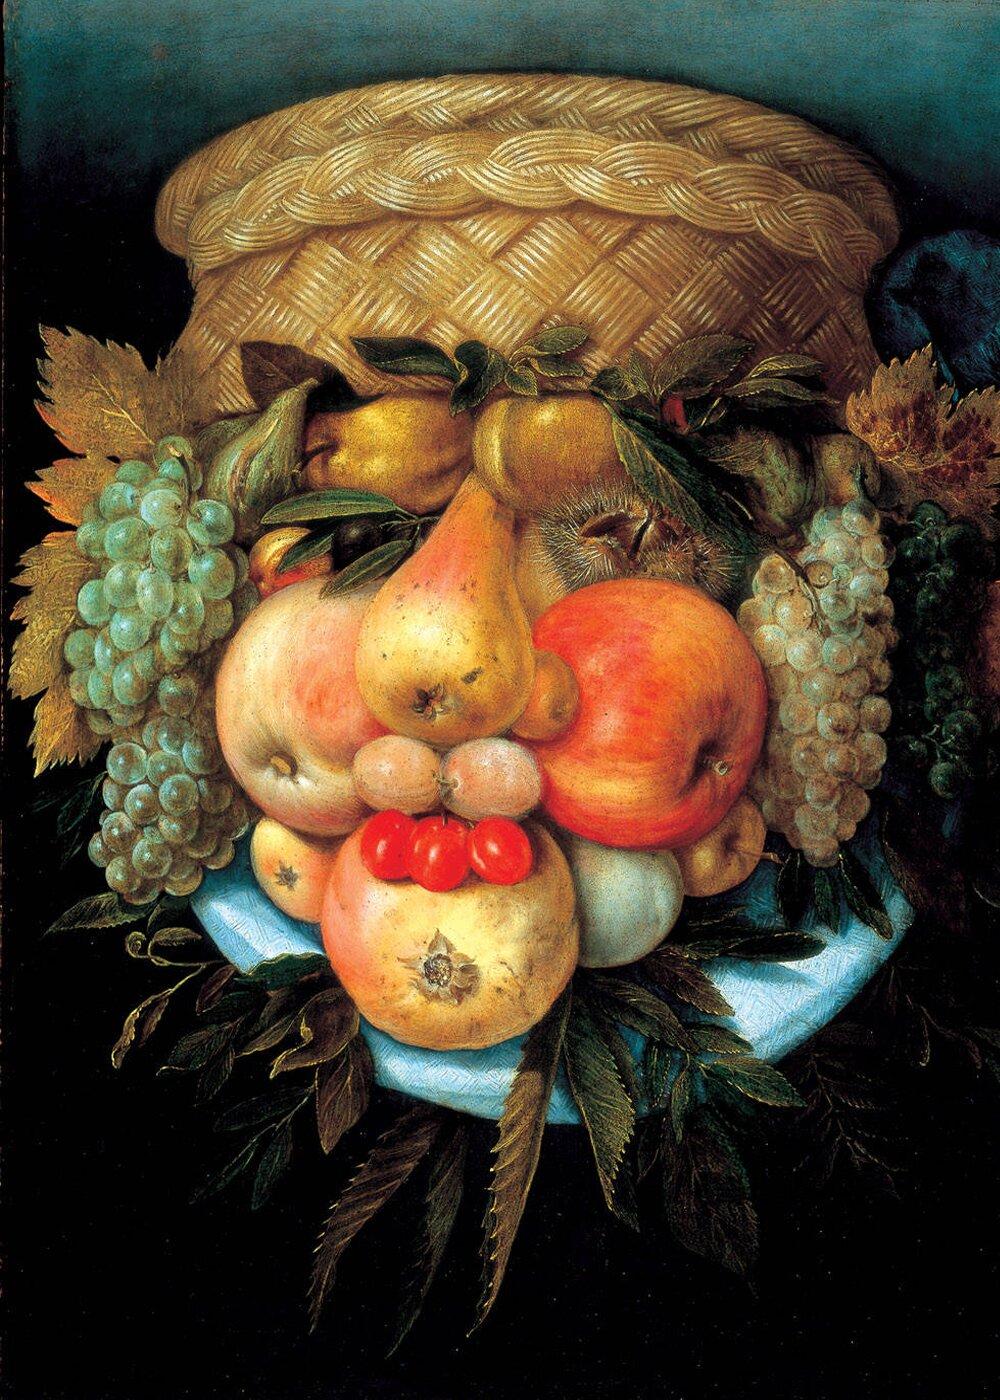 Kosz owoców Źródło: Giuseppe Arcimboldo, Kosz owoców, XVI wiek, domena publiczna.